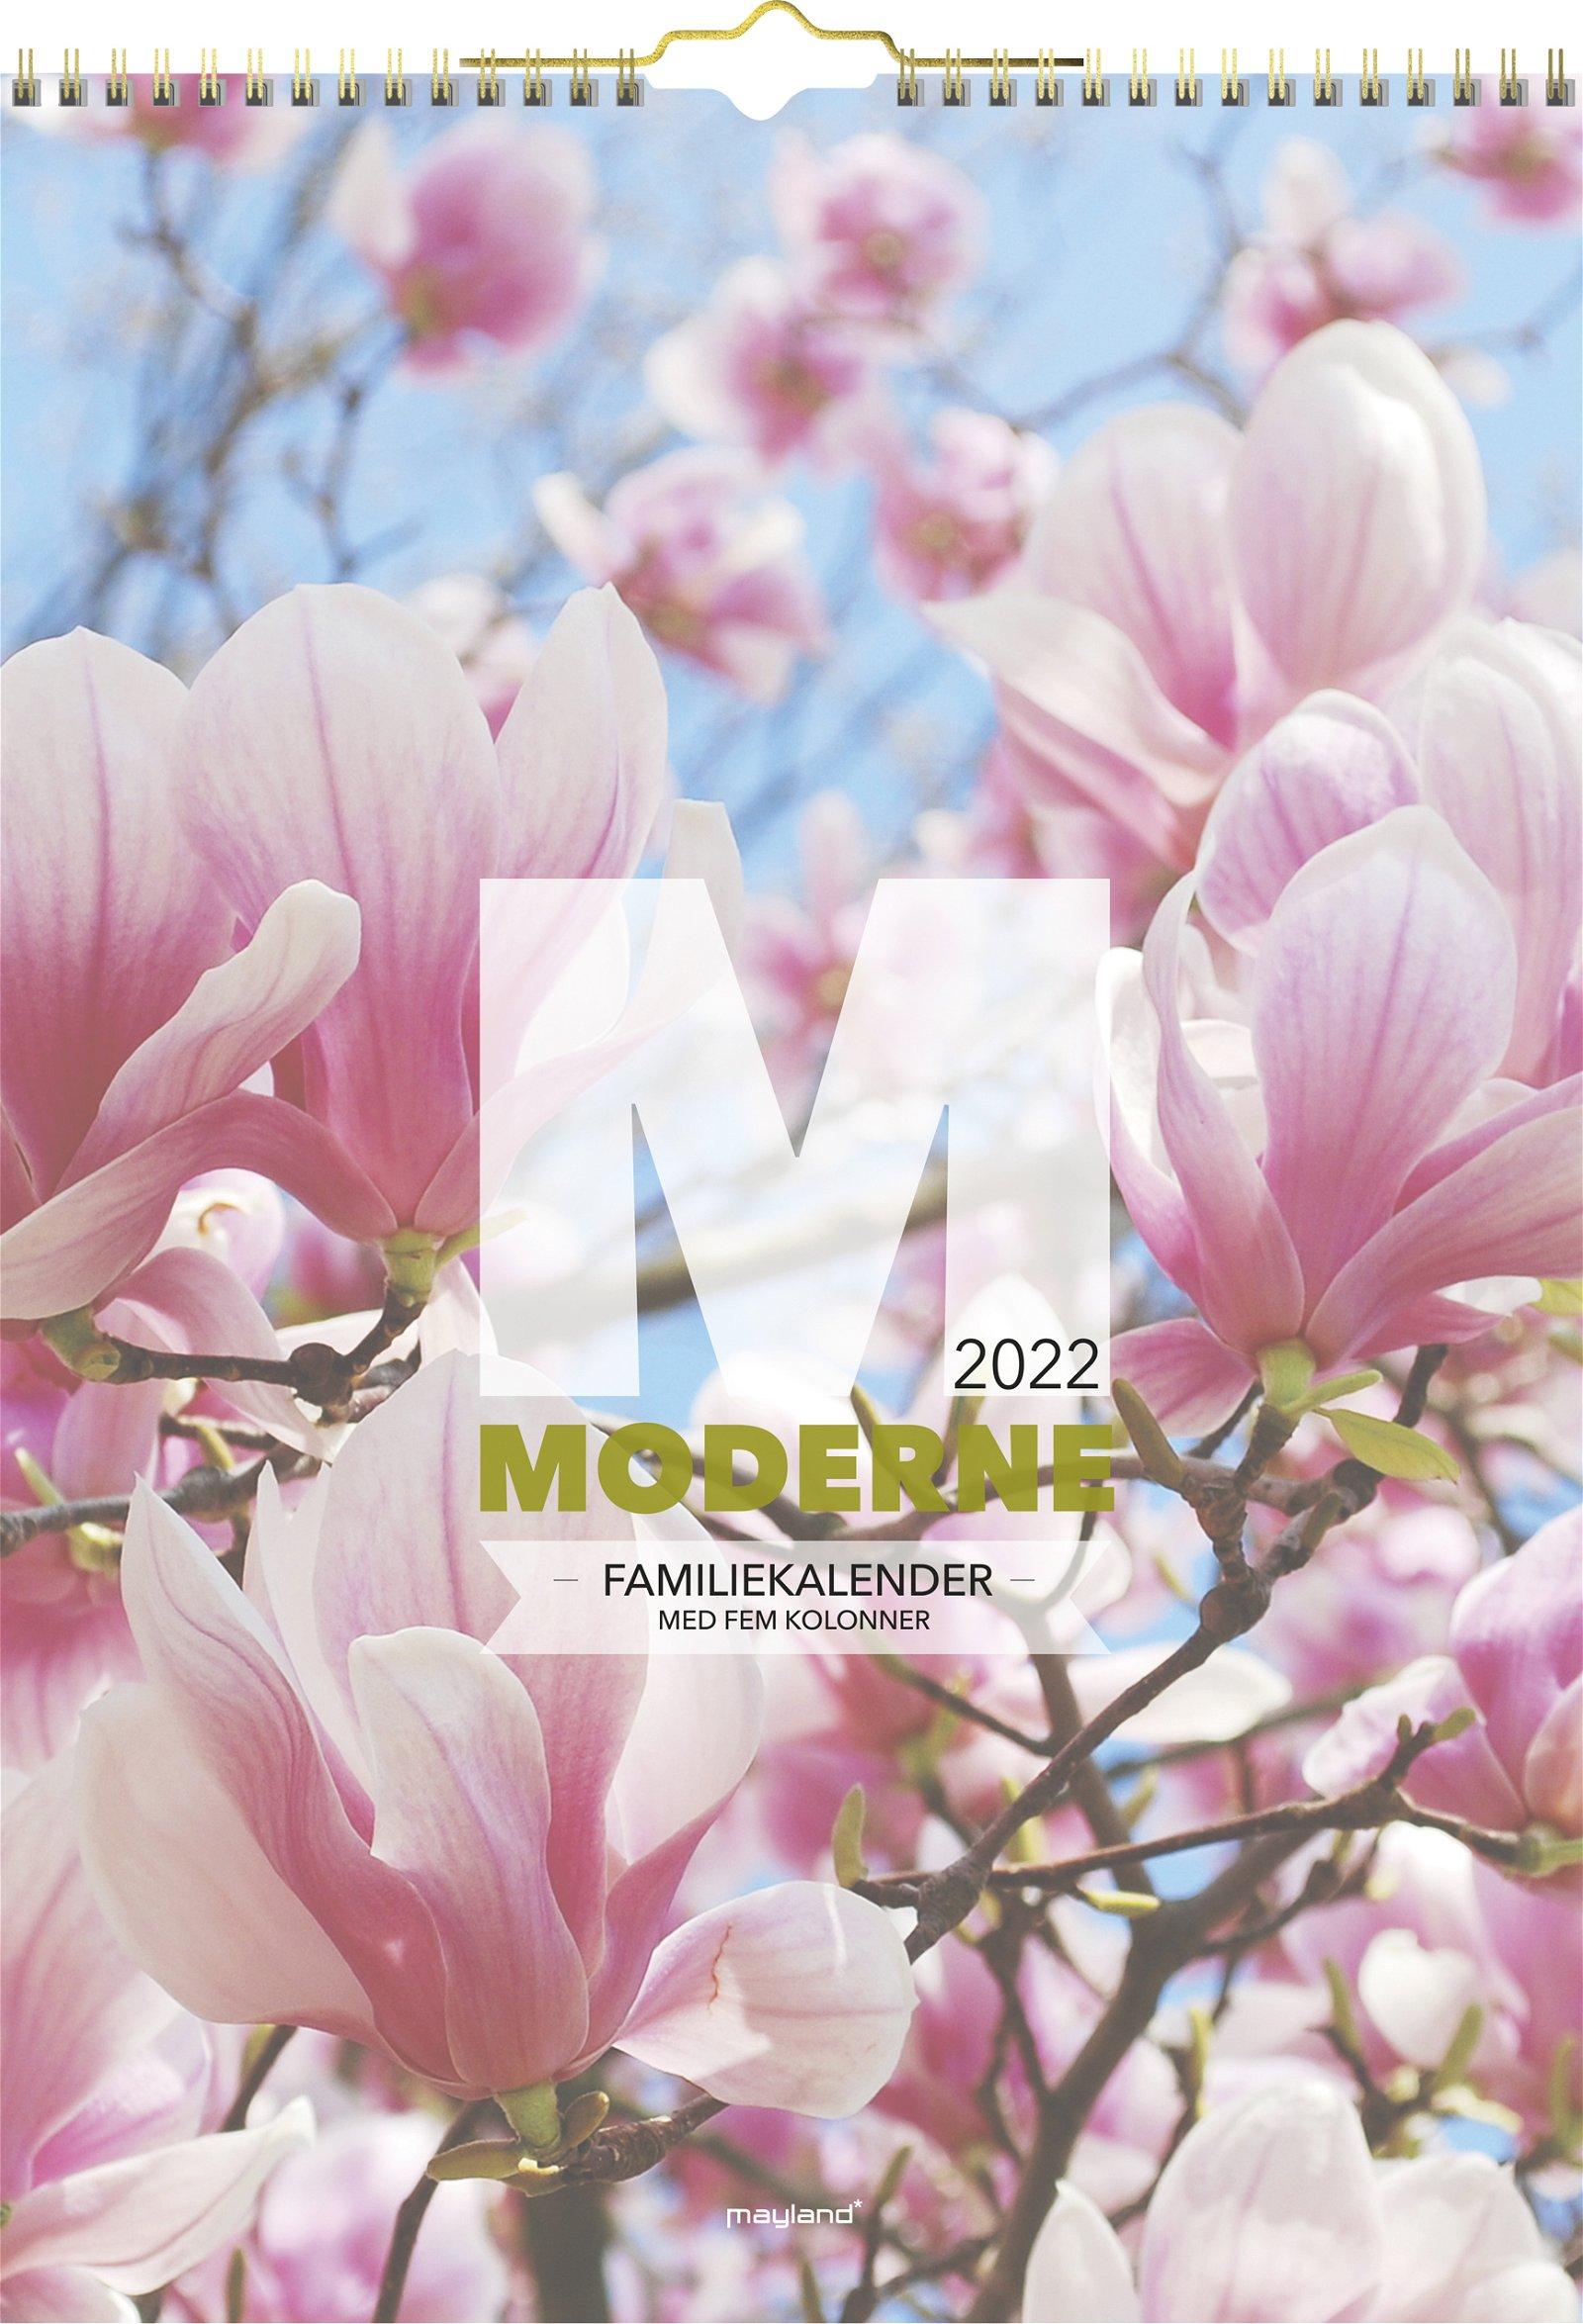 Mayland Familiekalender  Moderne 2022